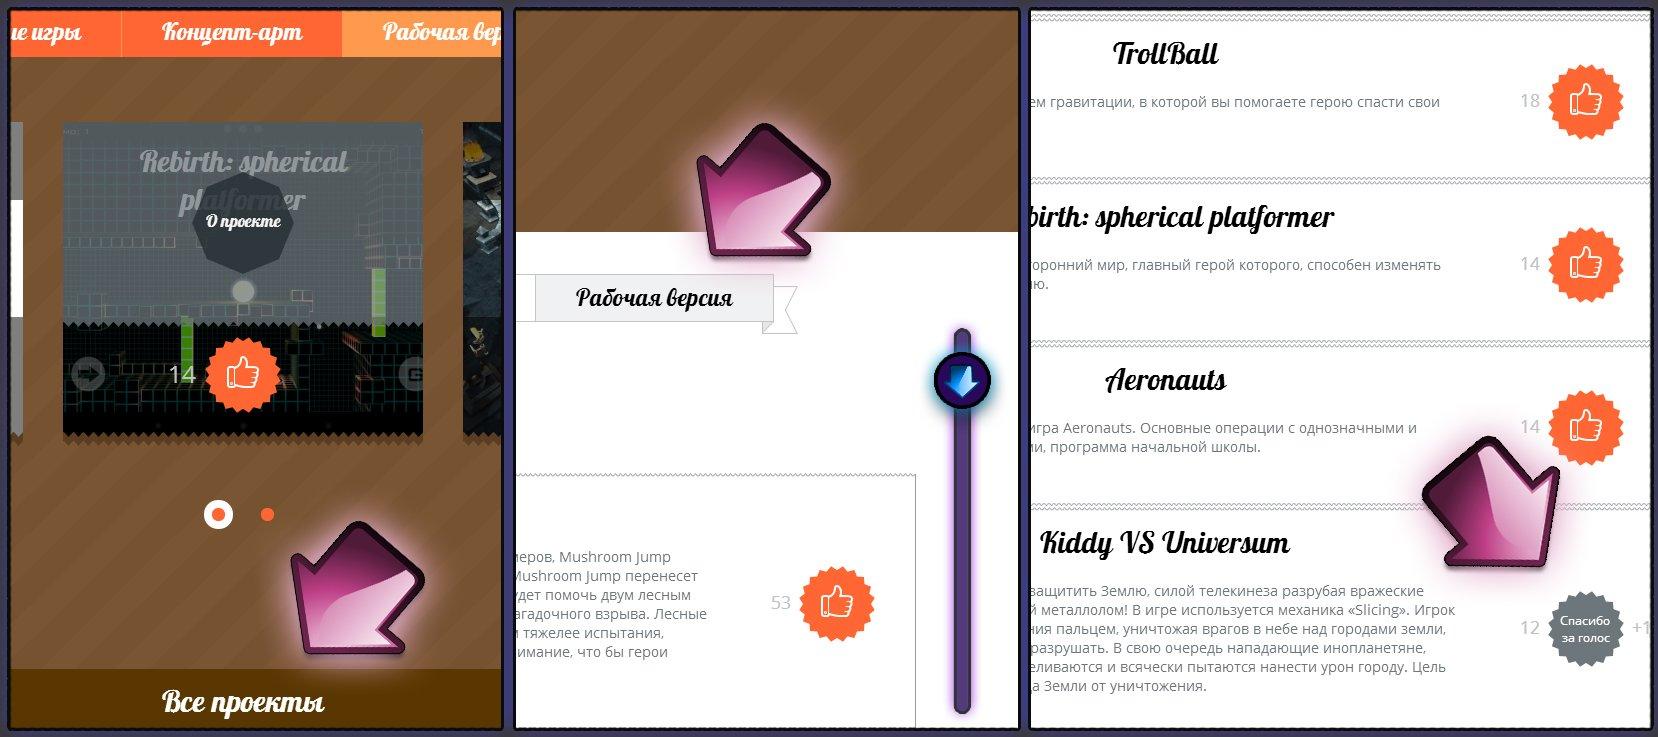 Небольшая инструкция, которая поможет разобраться с системой голосования на GamesJam в 3 туре состязаний, там уже  .... - Изображение 1